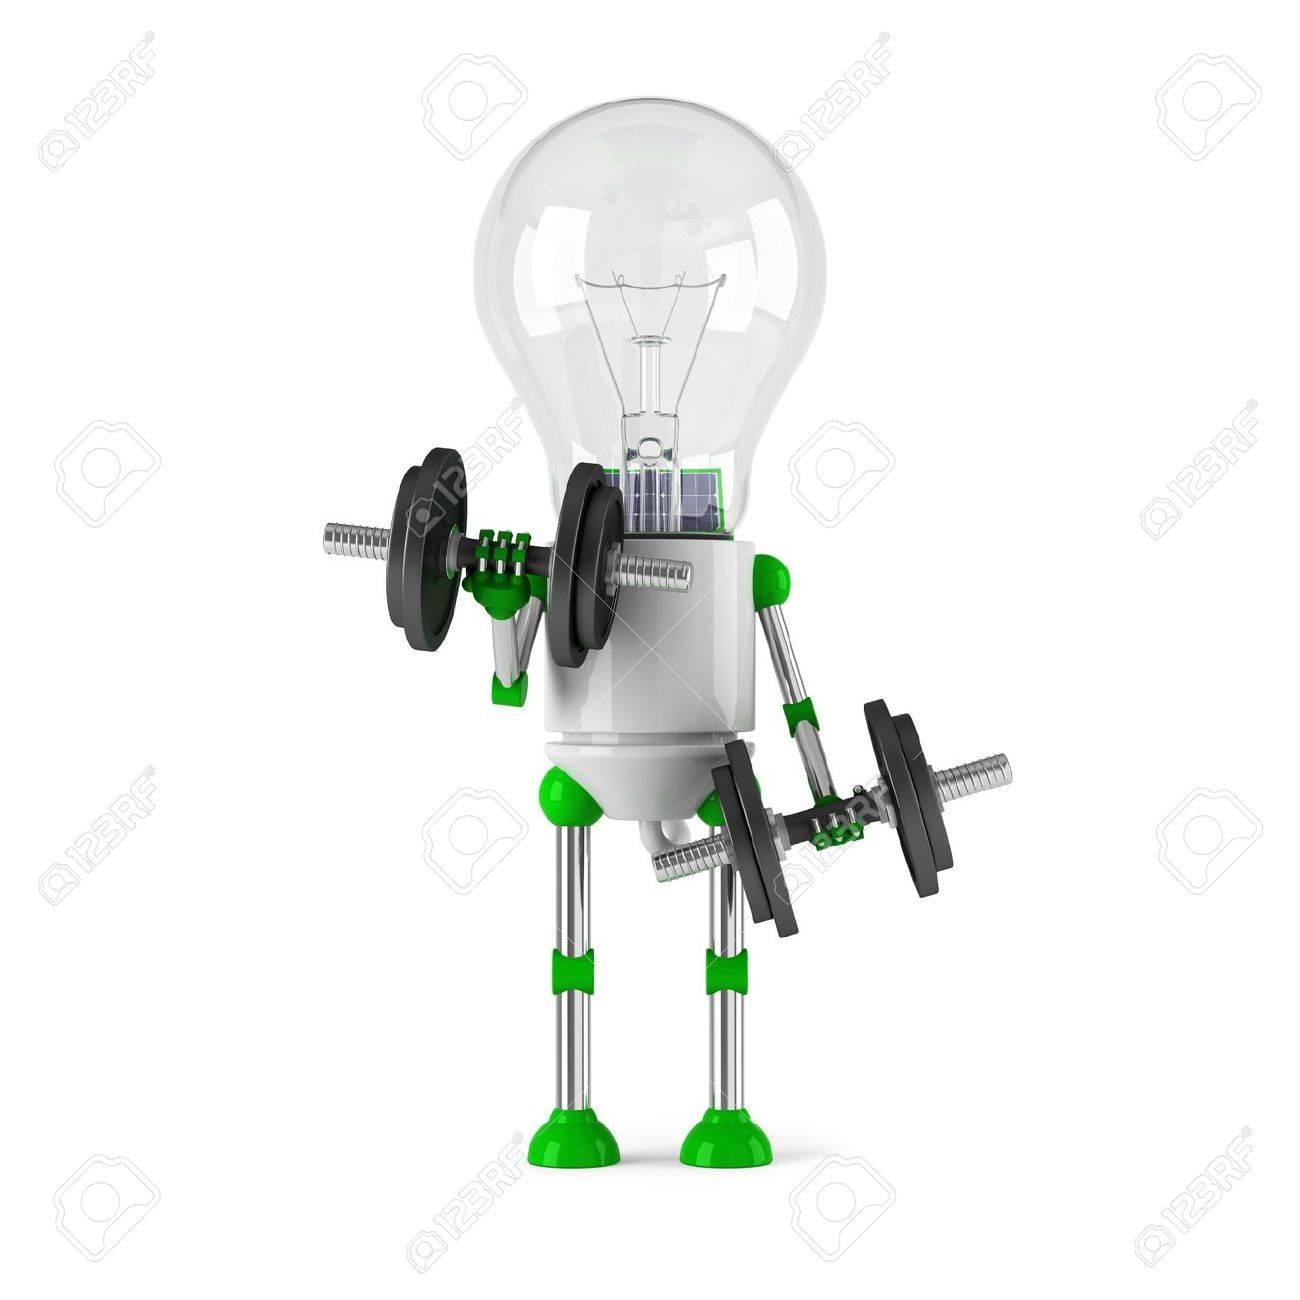 solar powered light bulb robot - fitness Stock Photo - 10024537